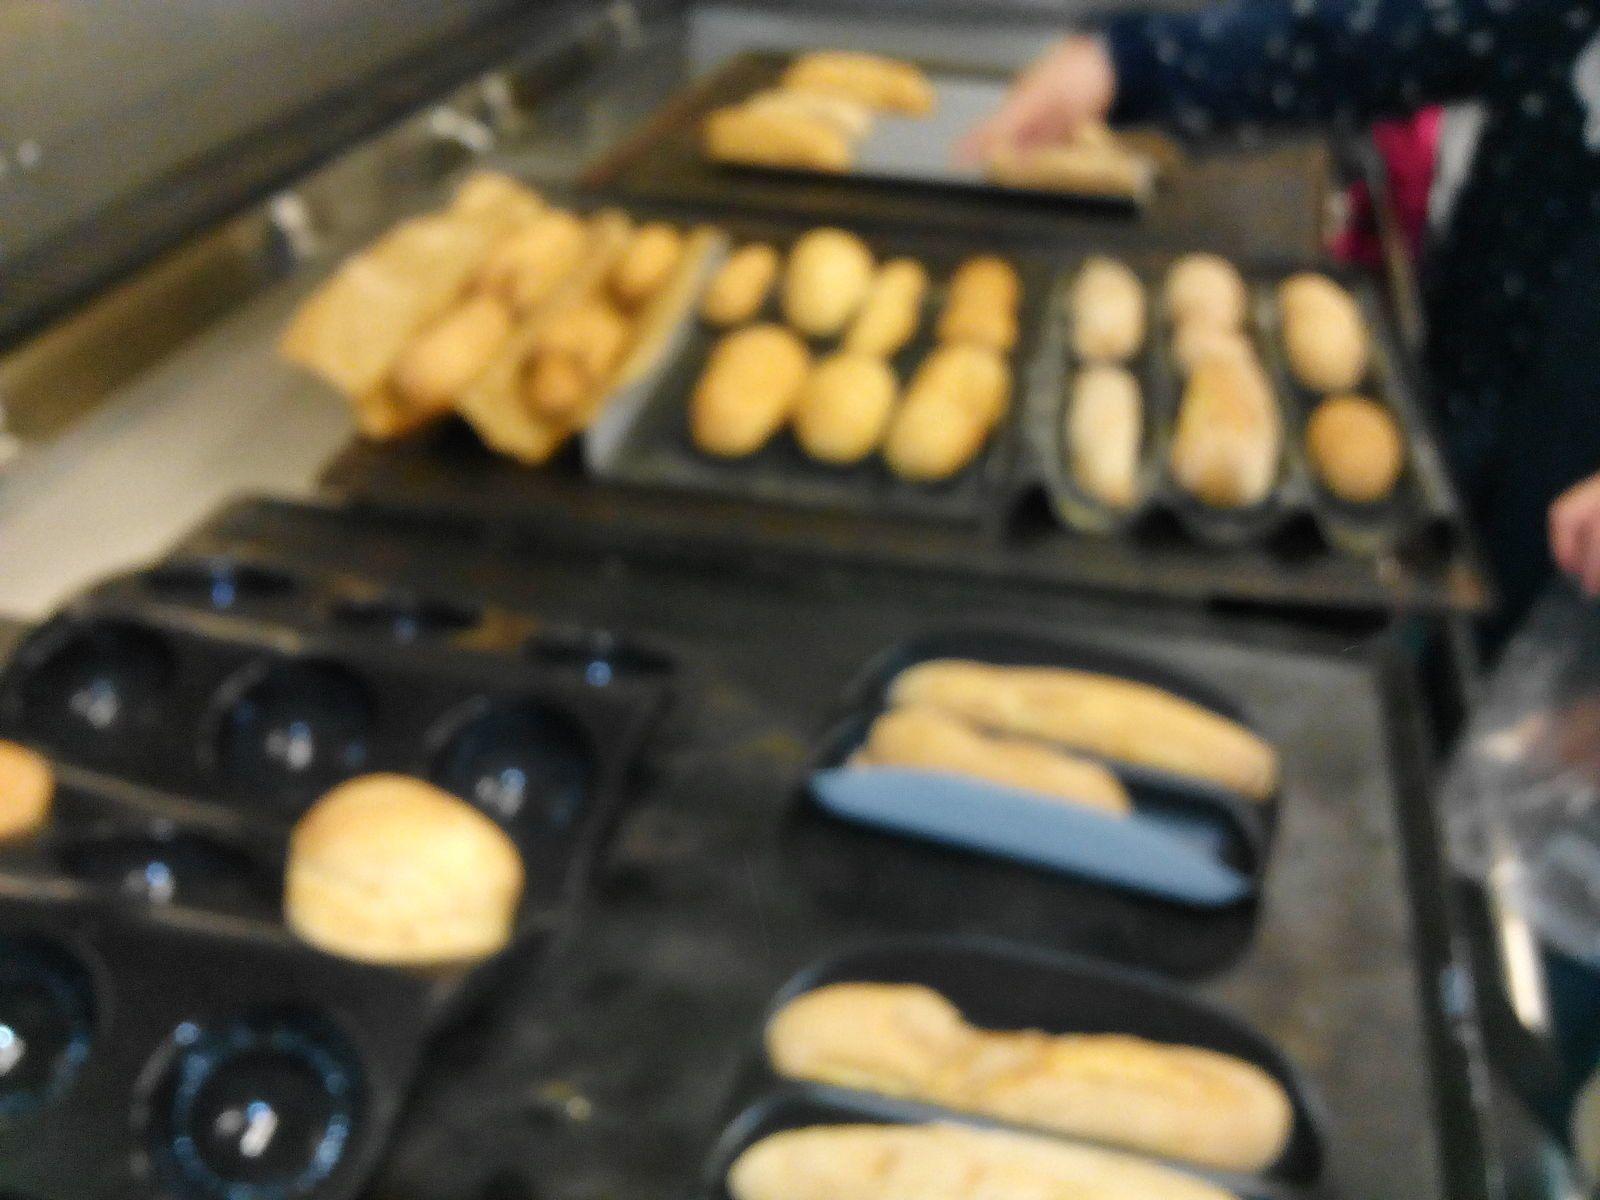 Voilà le résultat !! On s'est régalé !! Maintenant, on pourra faire notre pain à la maison.